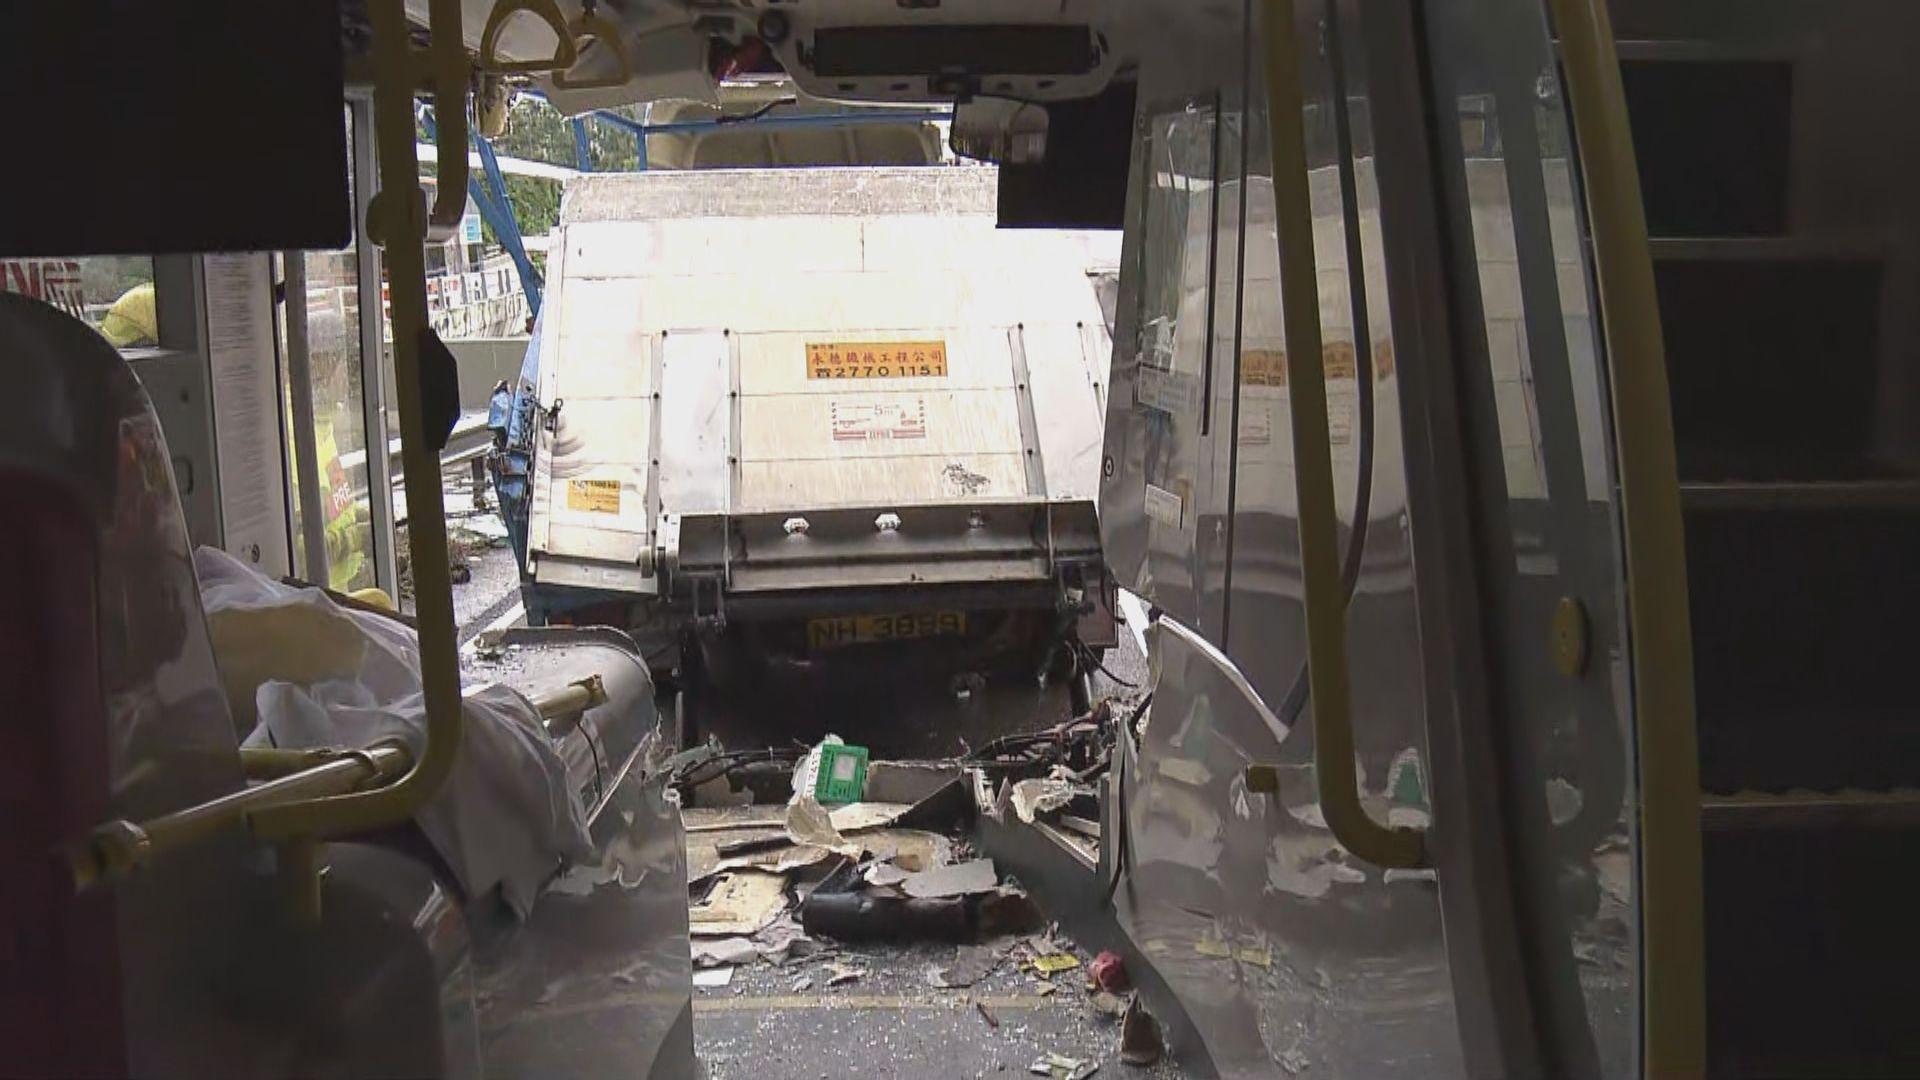 城門隧道車禍 九巴︰對意外感到非常難過